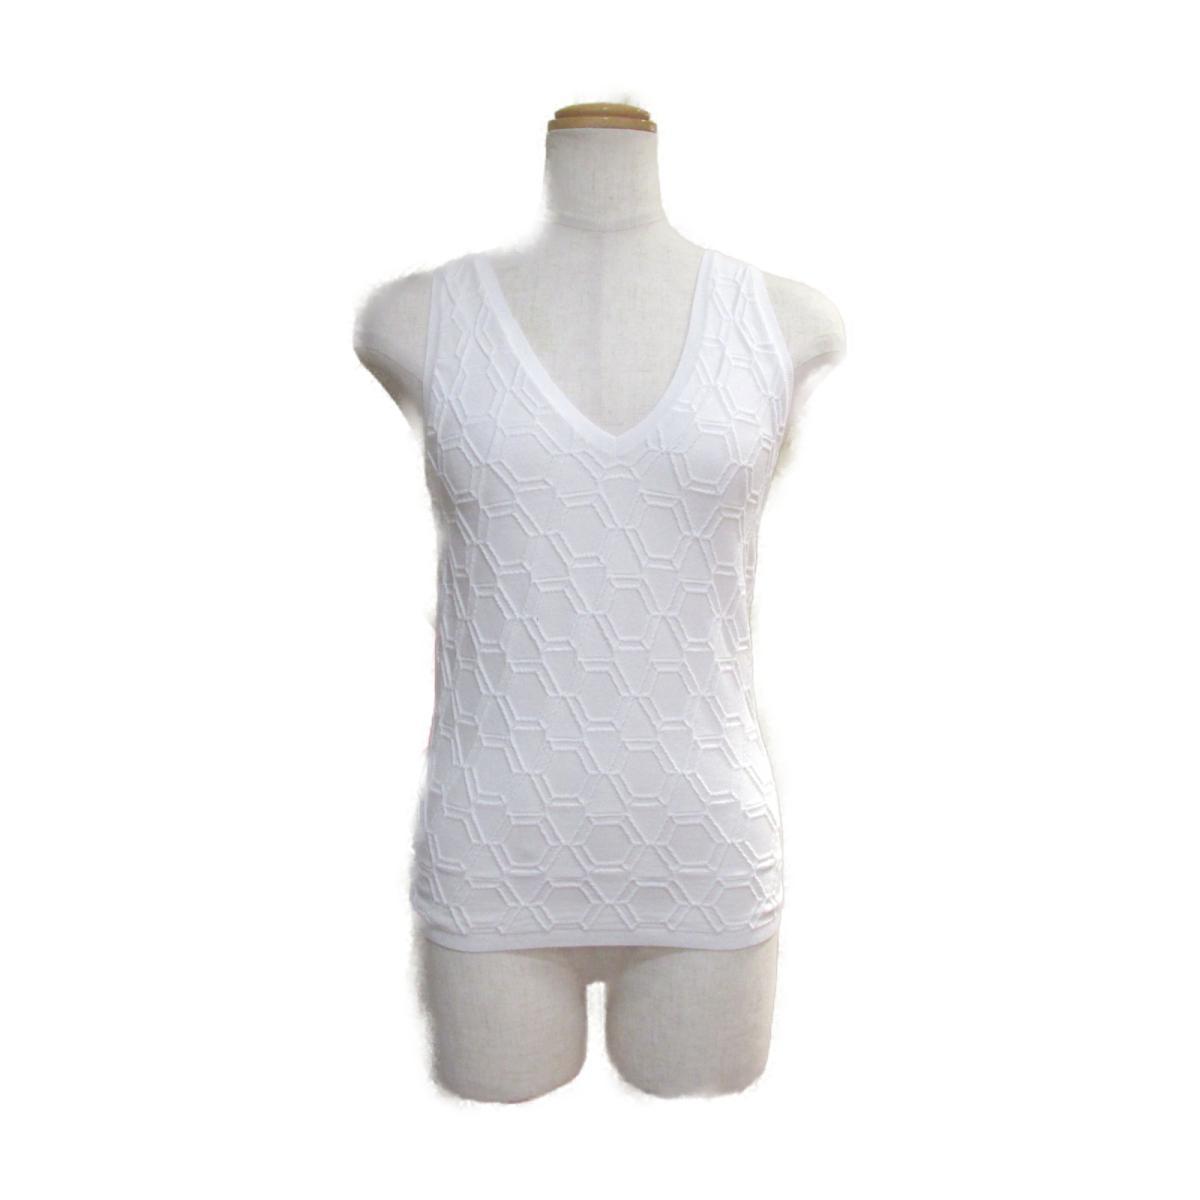 【中古】 シャネル ノースリーブ ニット レディース コットン (73%) ラバー (18%)ナイロン (7%) ホワイト (P53303K06922) | CHANEL BRANDOFF ブランドオフ 衣料品 衣類 ブランド